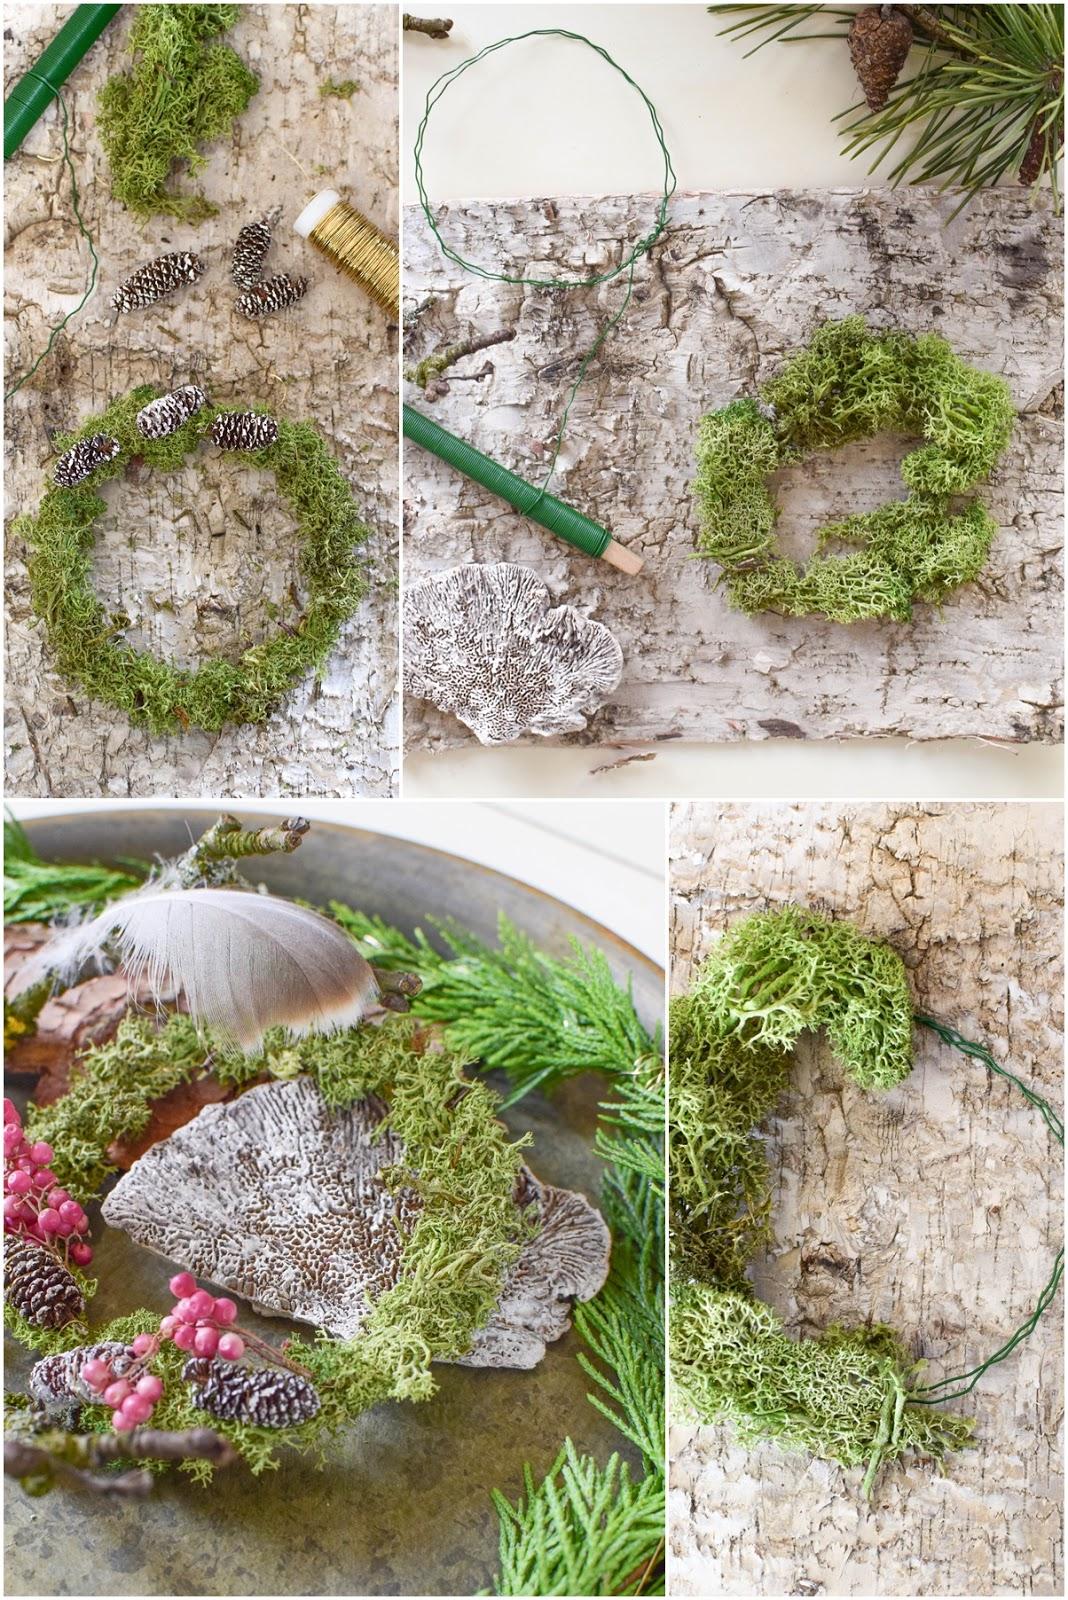 DIY Mini Mooskranz einfach selber machen. Selbstgemachter Kranz aus Moos: schnell und natürlich. Deko mit Natur, natürlich dekorieren mit Birke